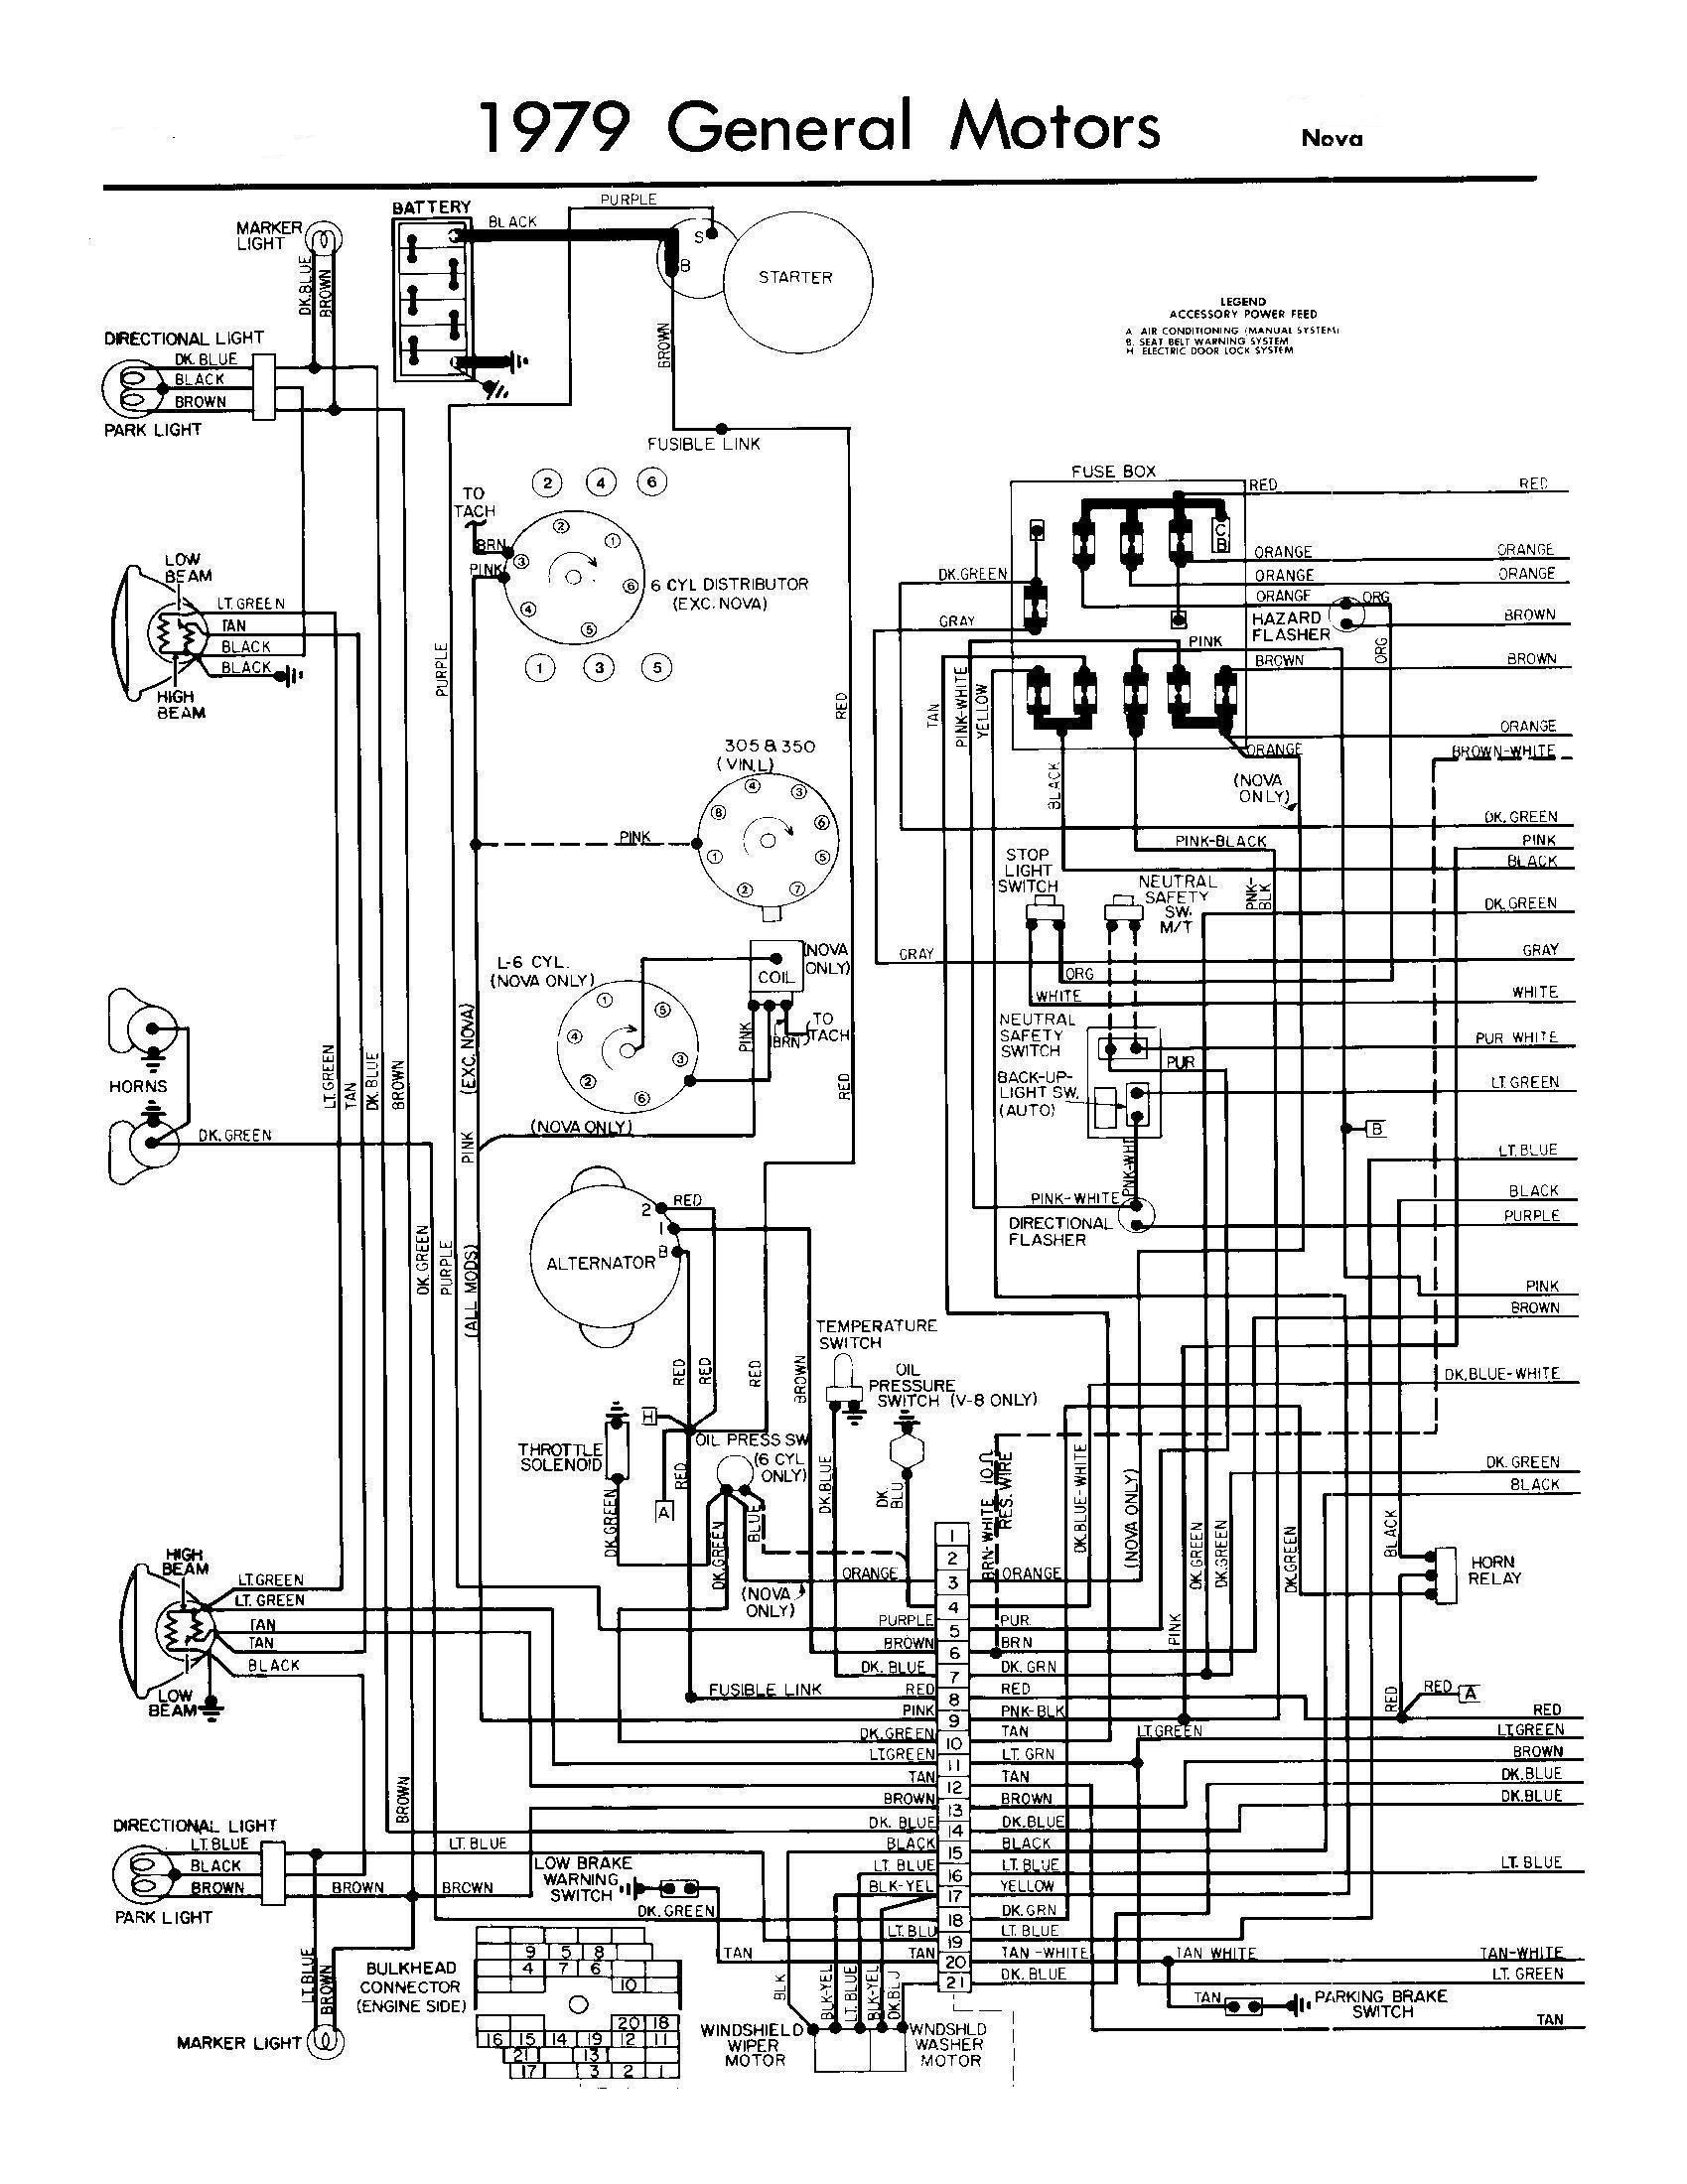 2005 Chevy Silverado Parts Diagram All Generation Wiring Schematics Chevy Nova forum Of 2005 Chevy Silverado Parts Diagram